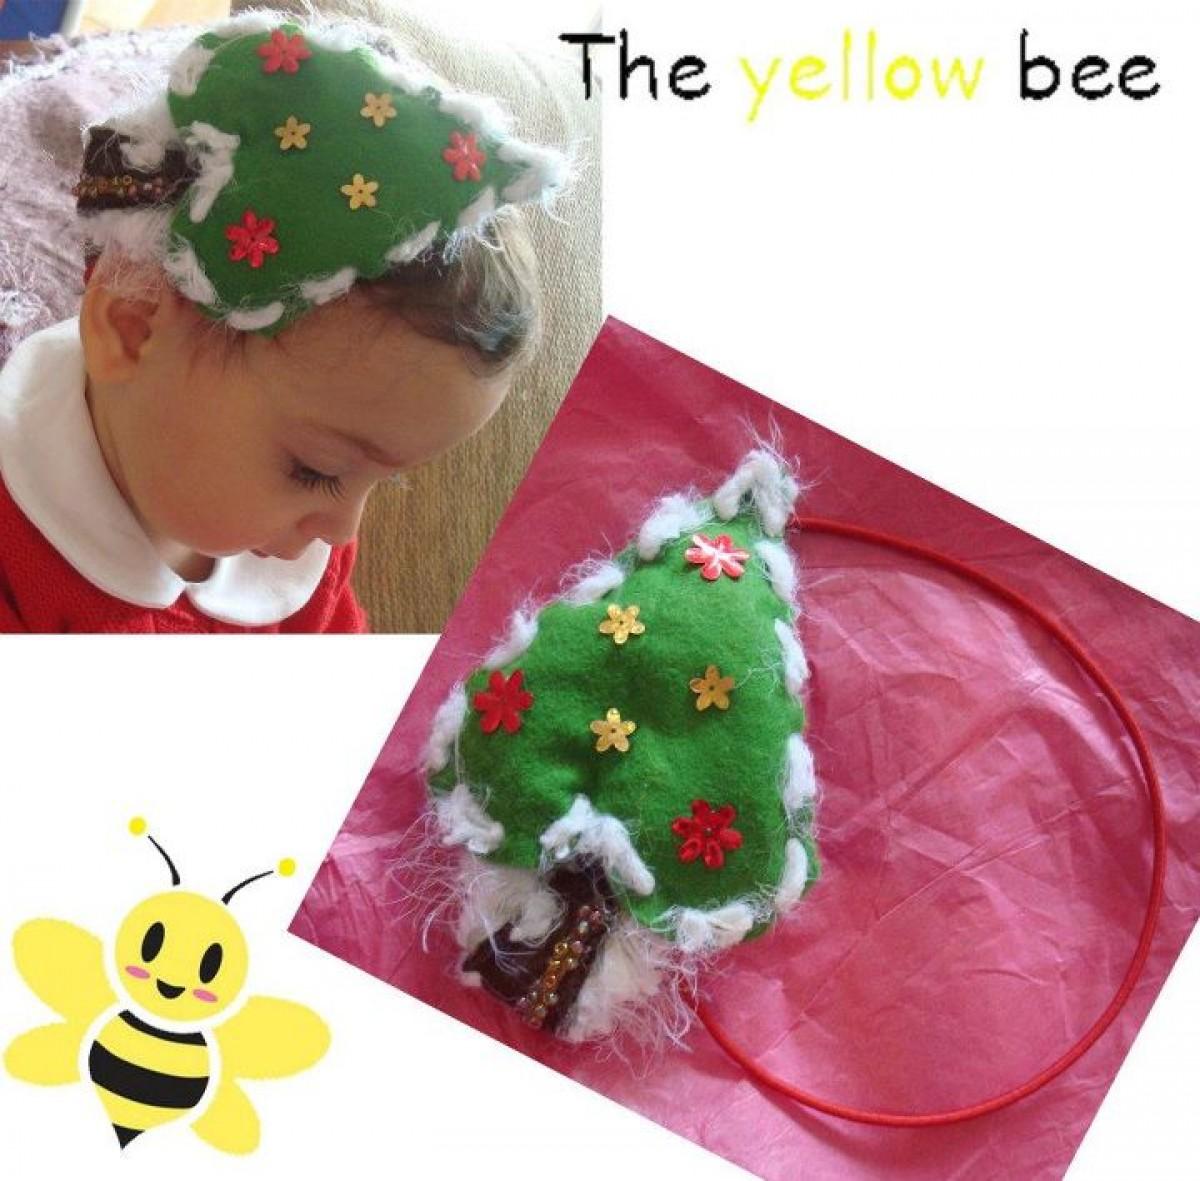 Γνωρίστε και κερδίστε τις κορδέλες και τα αξεσουάρ The Yellow Bee!